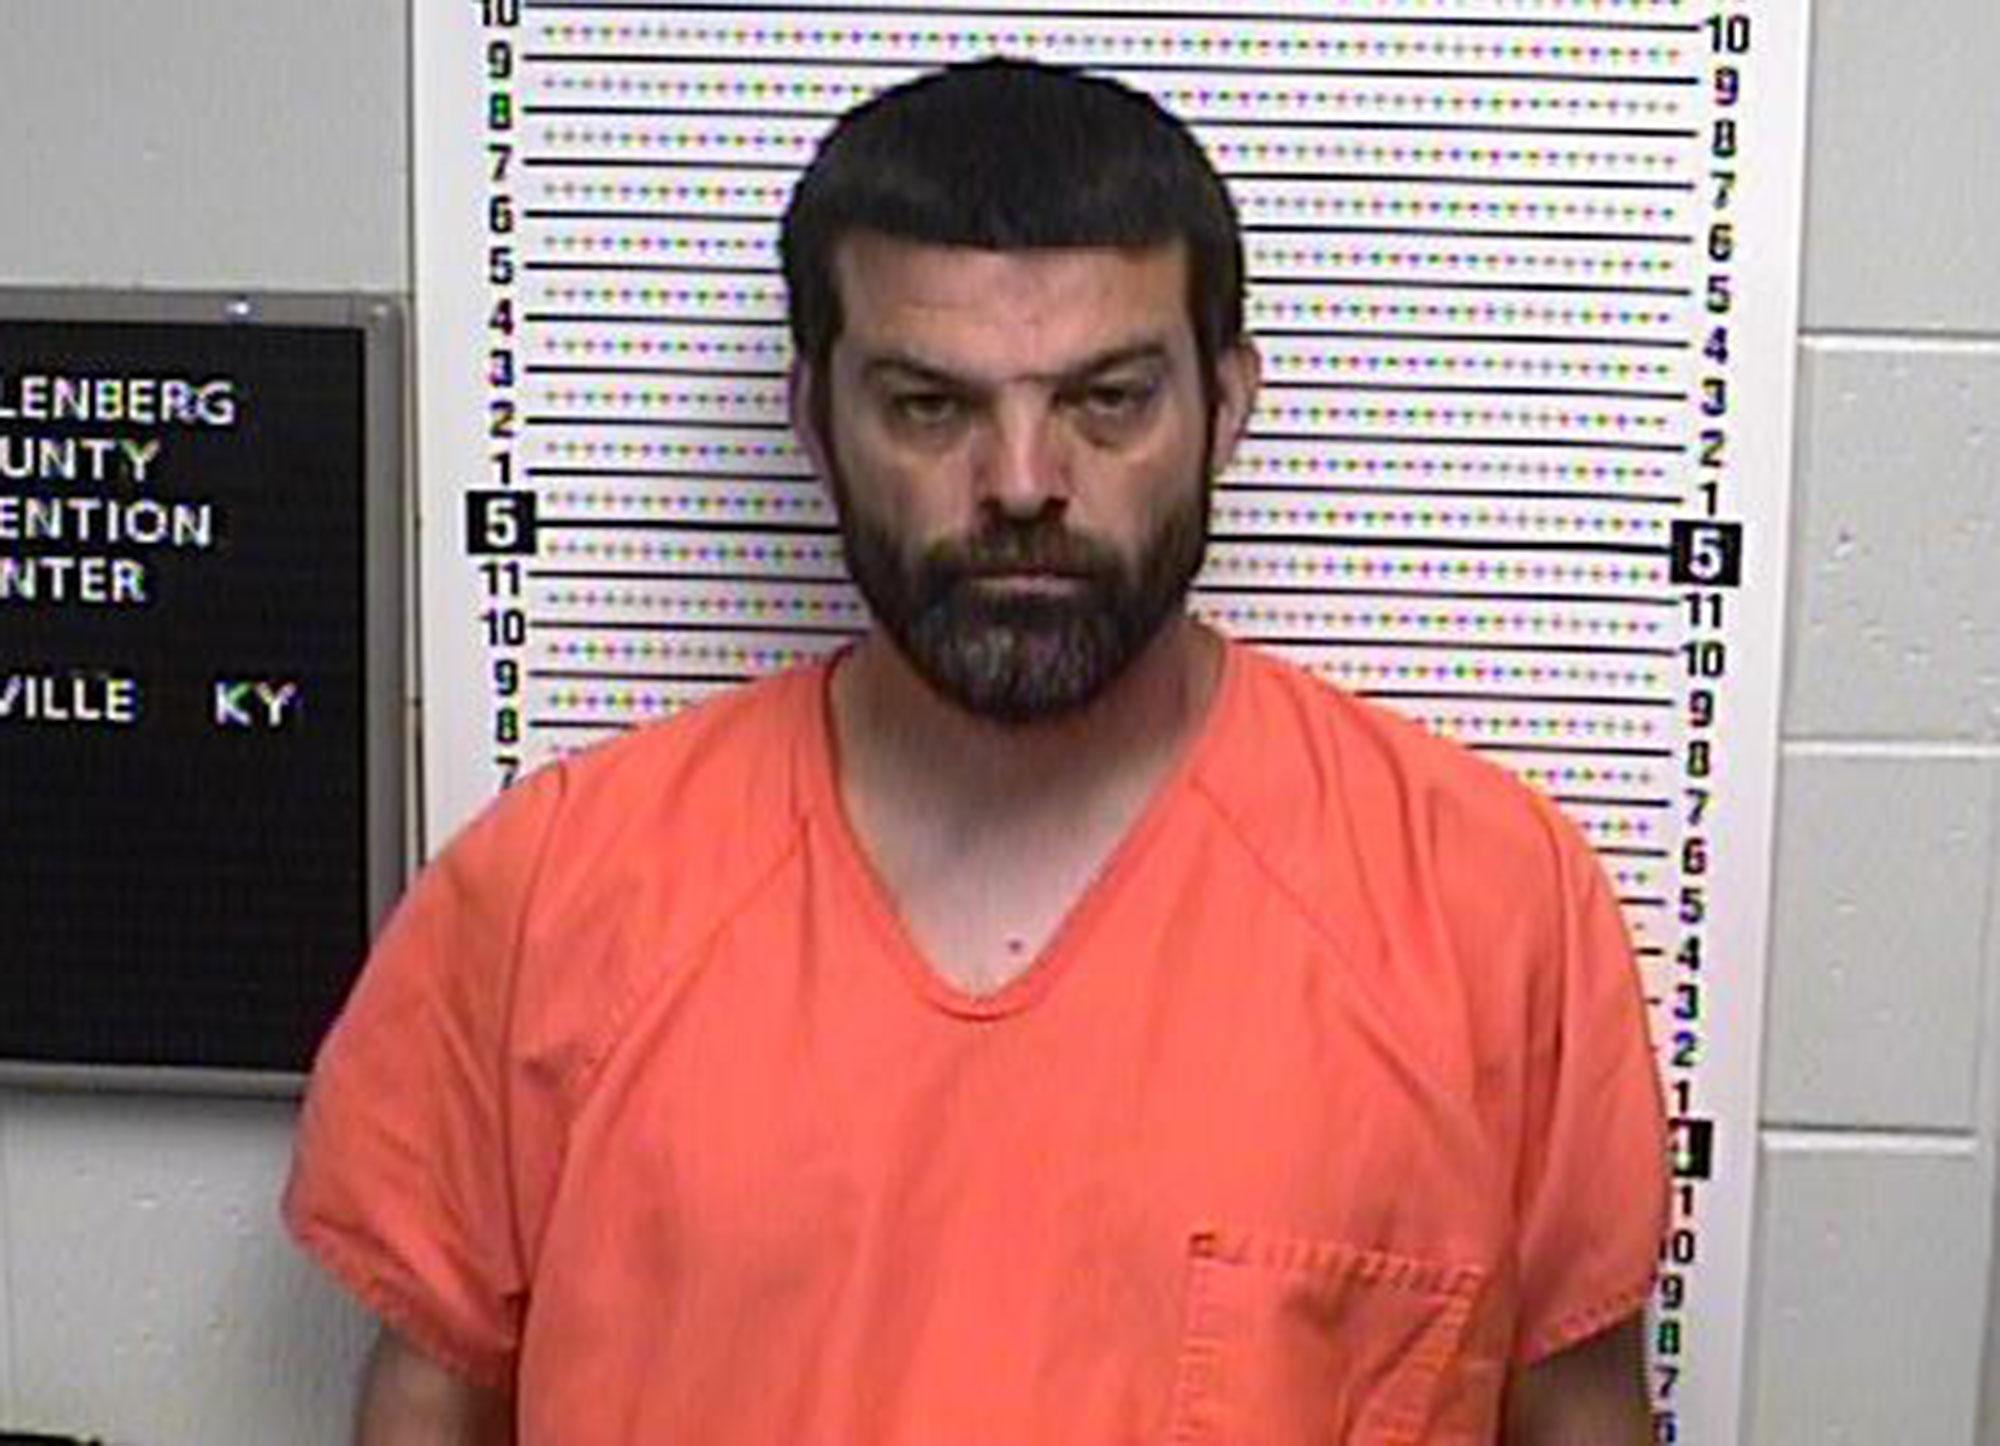 Toby Willis Muhlenberg County Detention Center